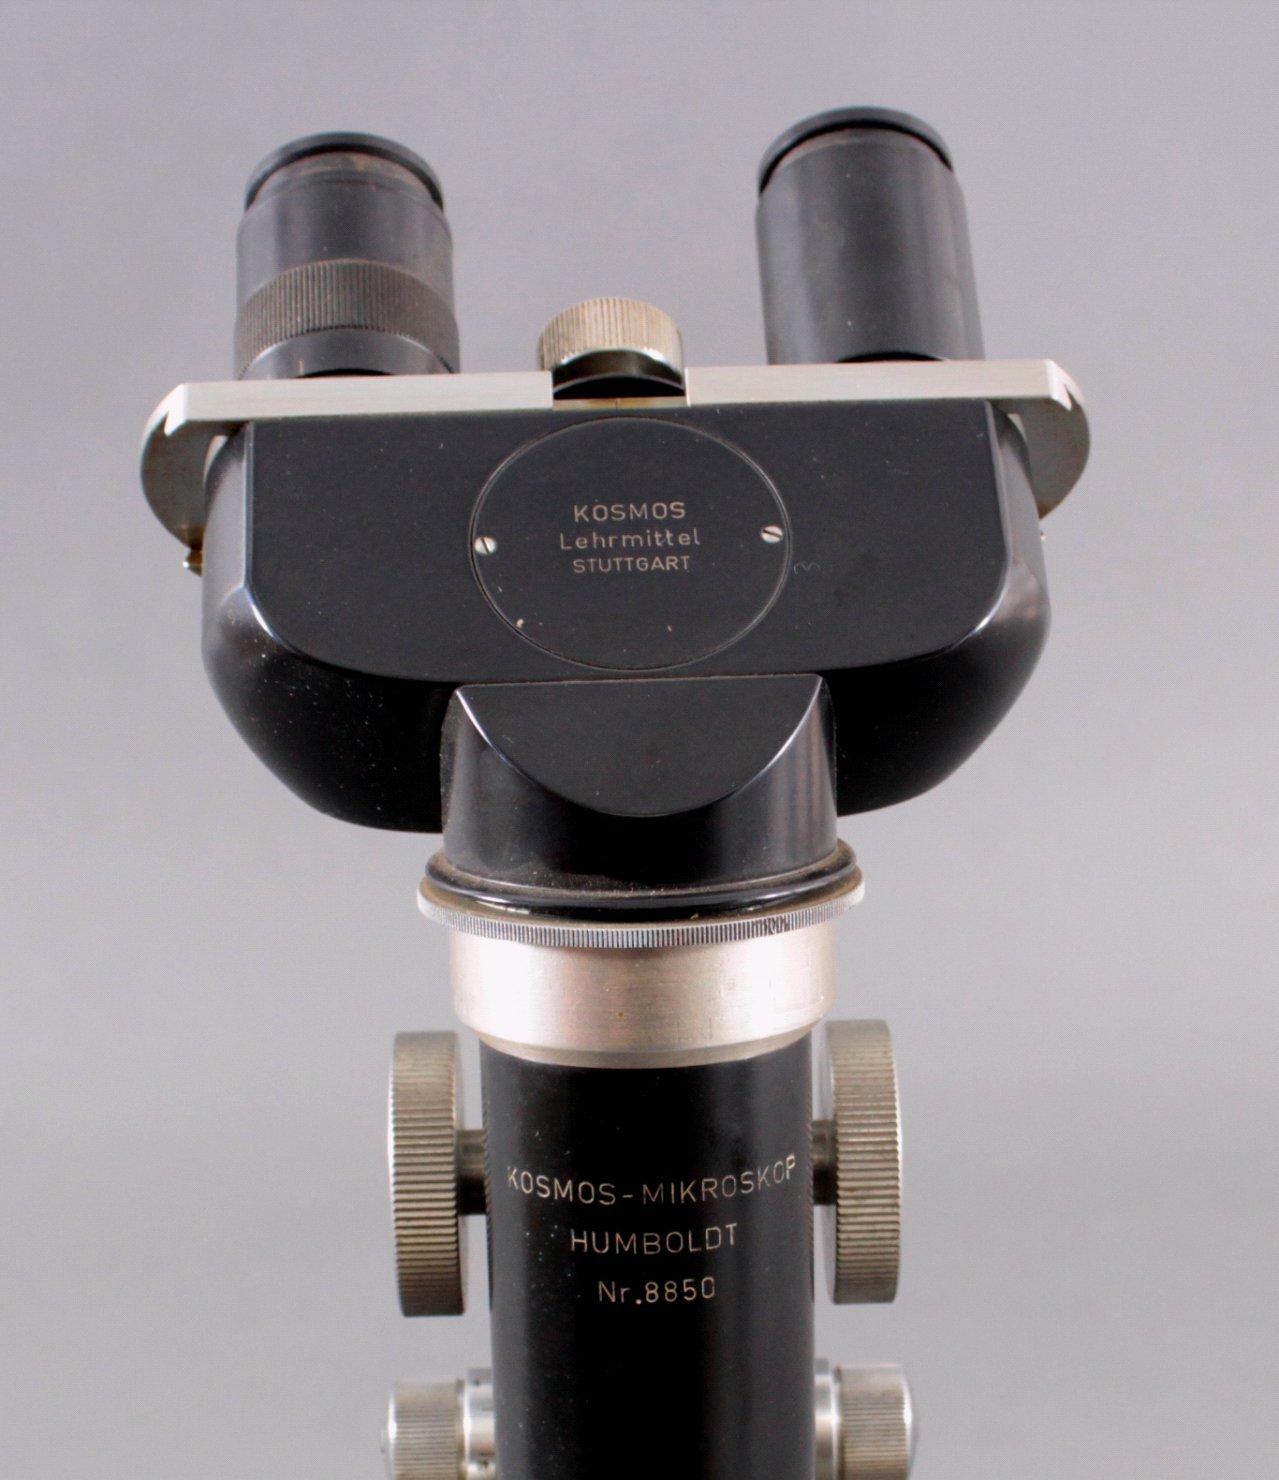 Mikroskop der Marke Kosmos, Lehrmittel Stuttgart-4